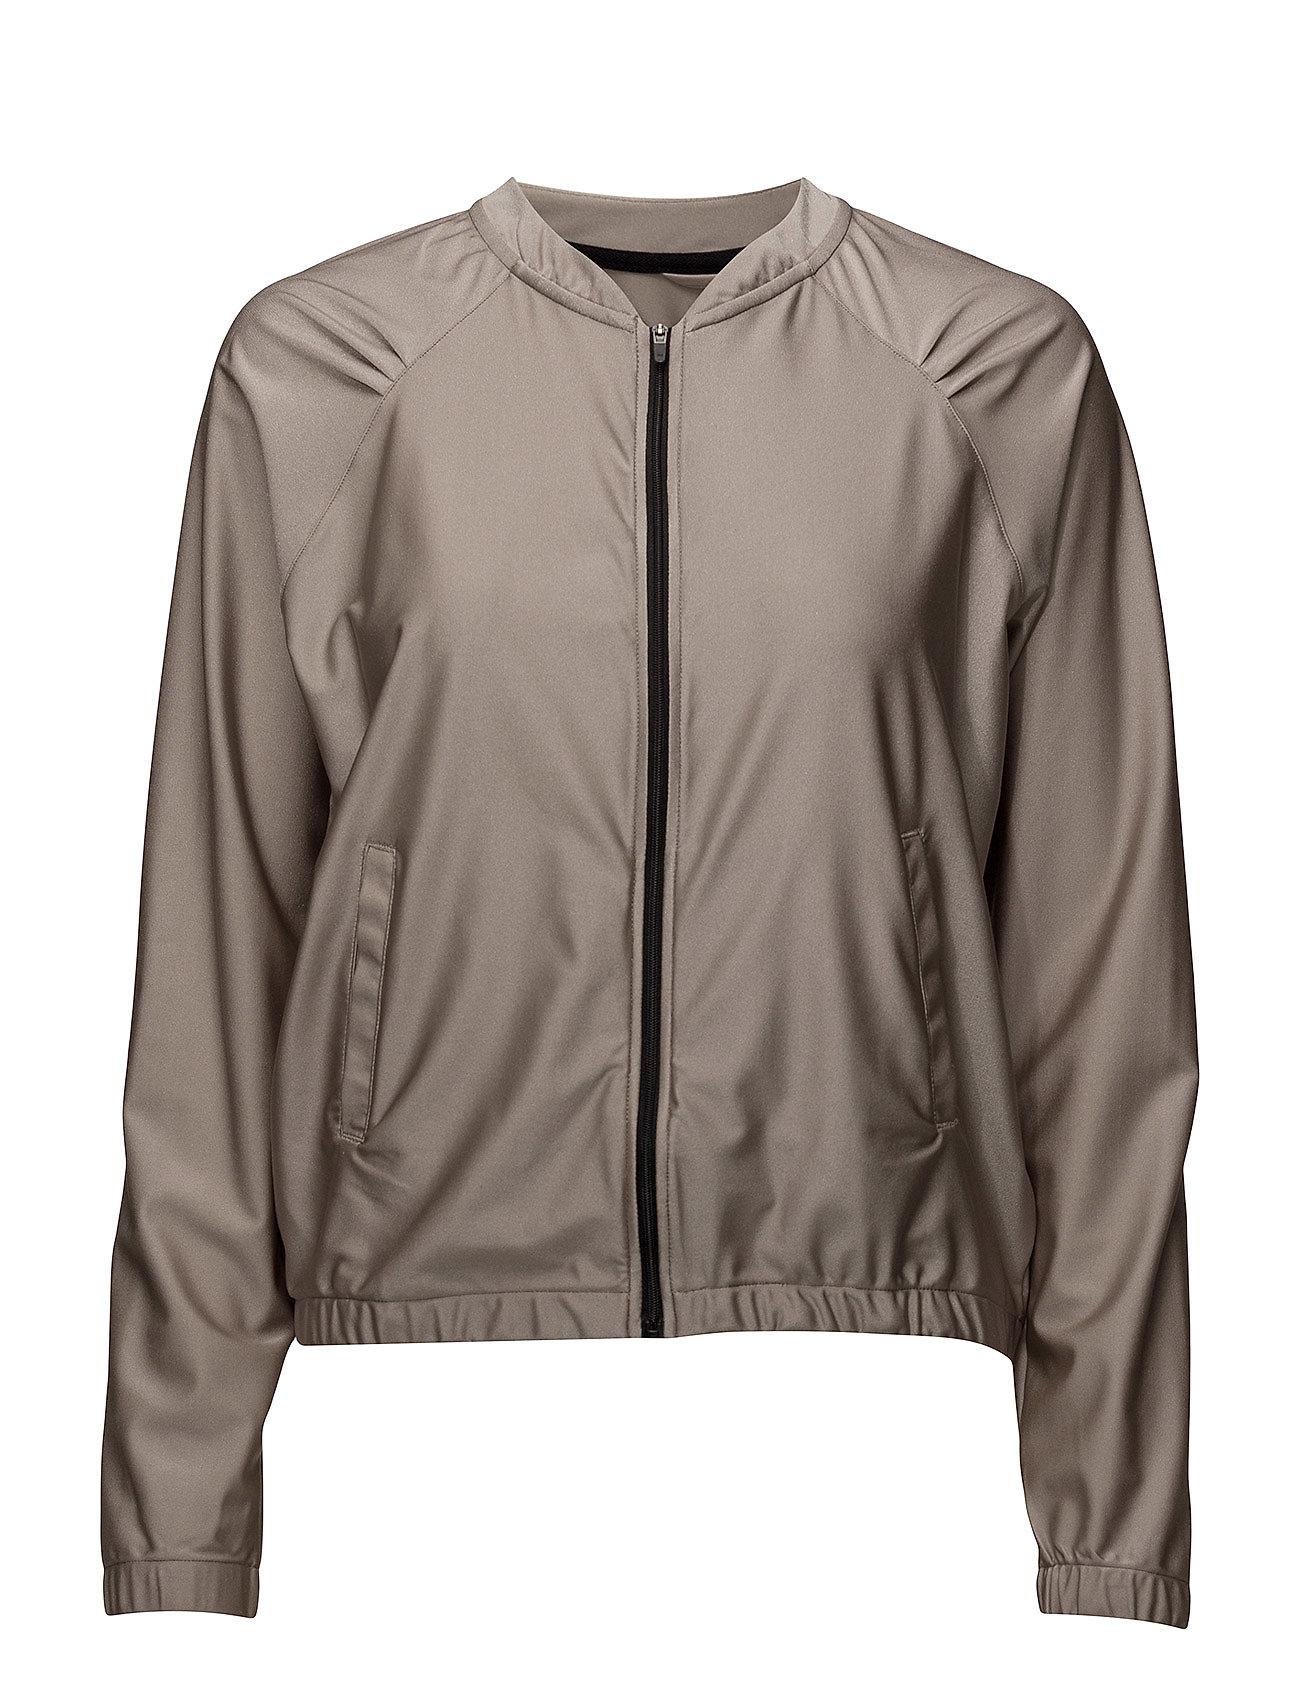 Handla kläder och mode från Casall online  Hybrid Jkt d694b9ceb8856